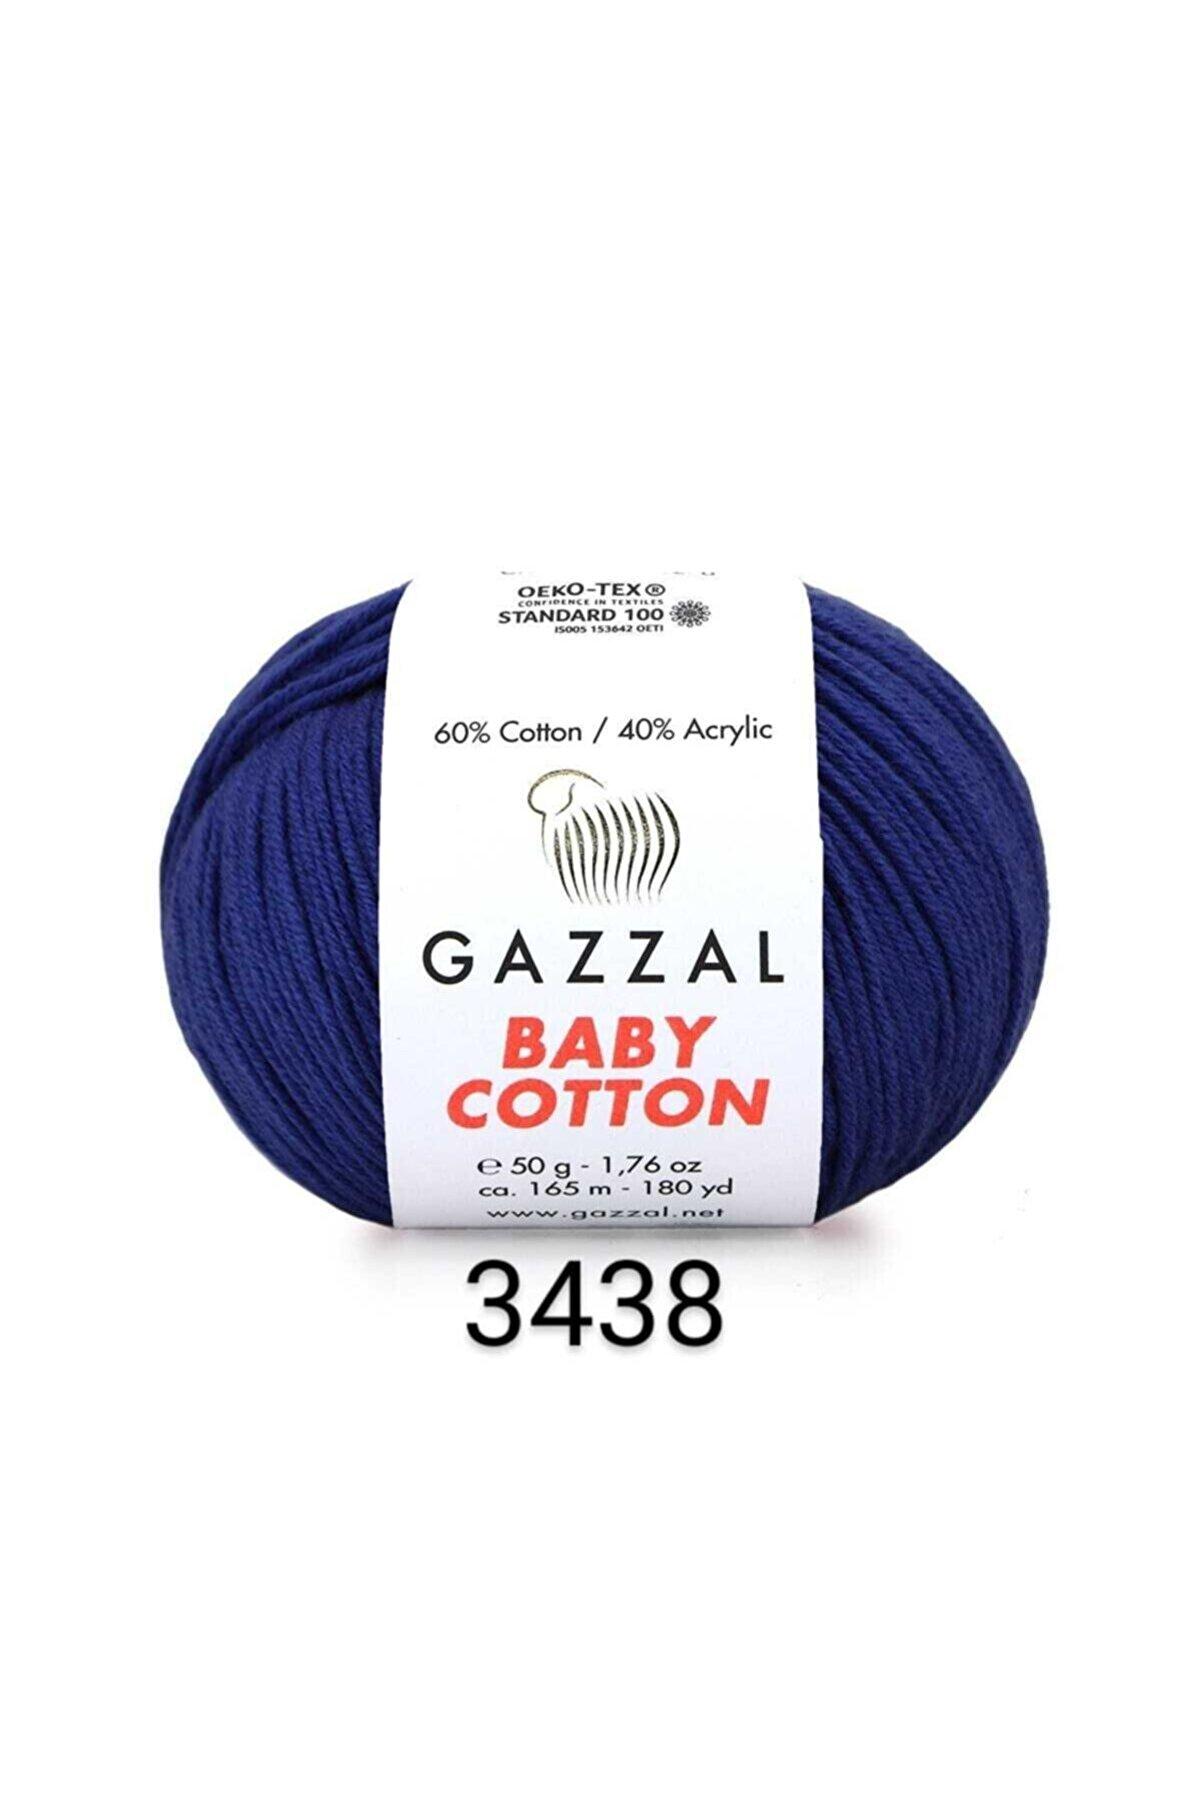 Gazzal Baby Cotton 50gr Amigurumi - Örgü Ipi